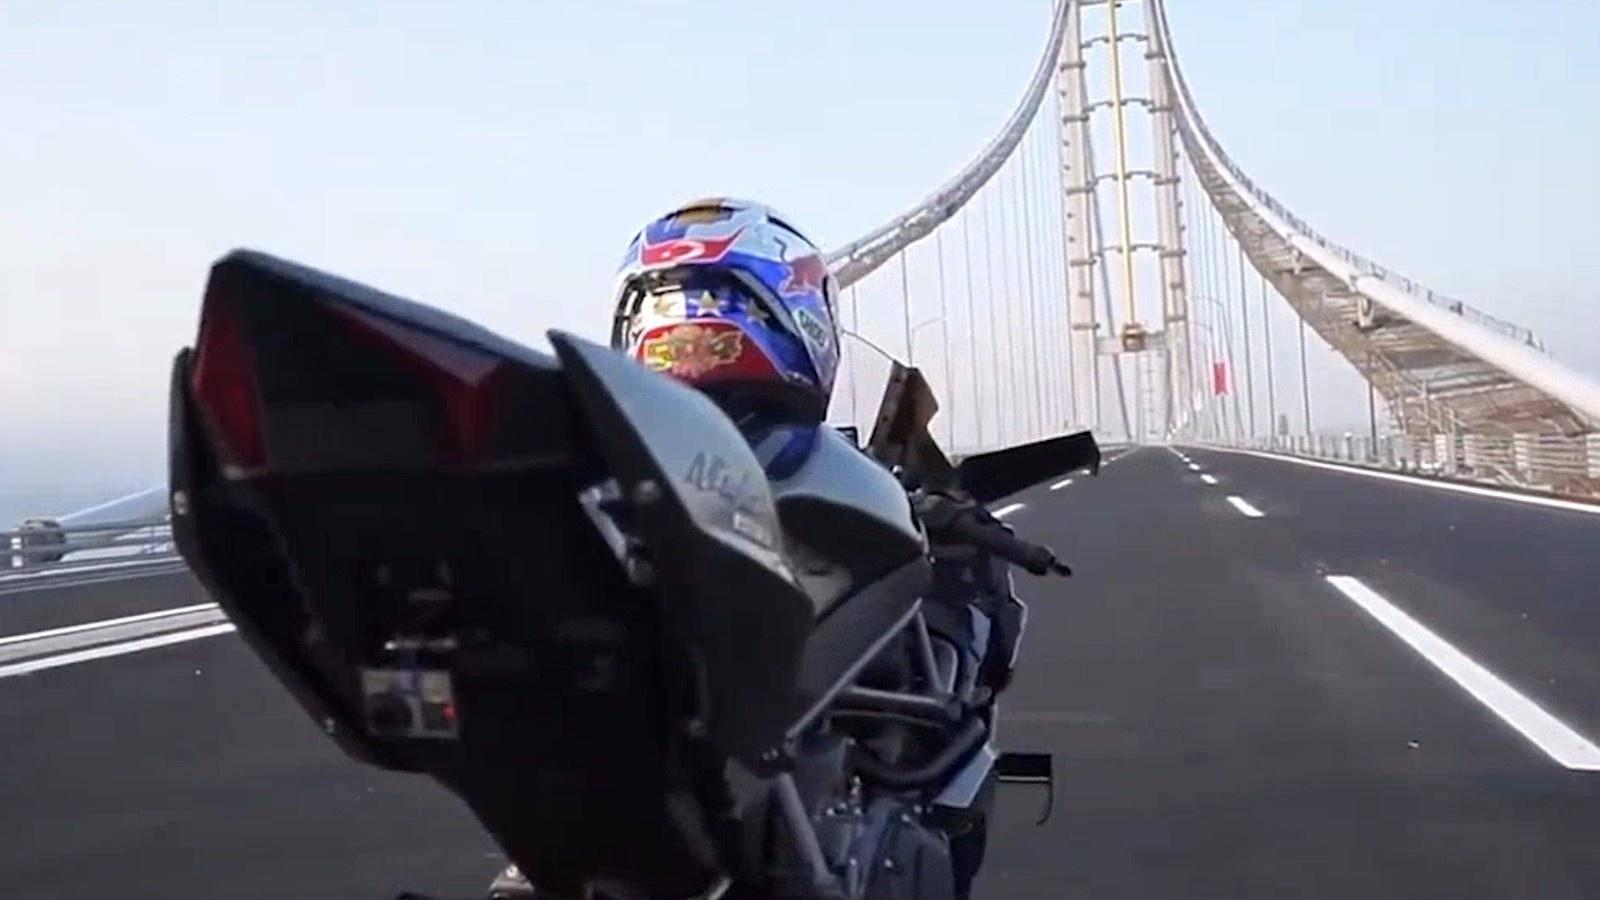 日本新出的纯电动概念摩托车,可5秒内转换形态